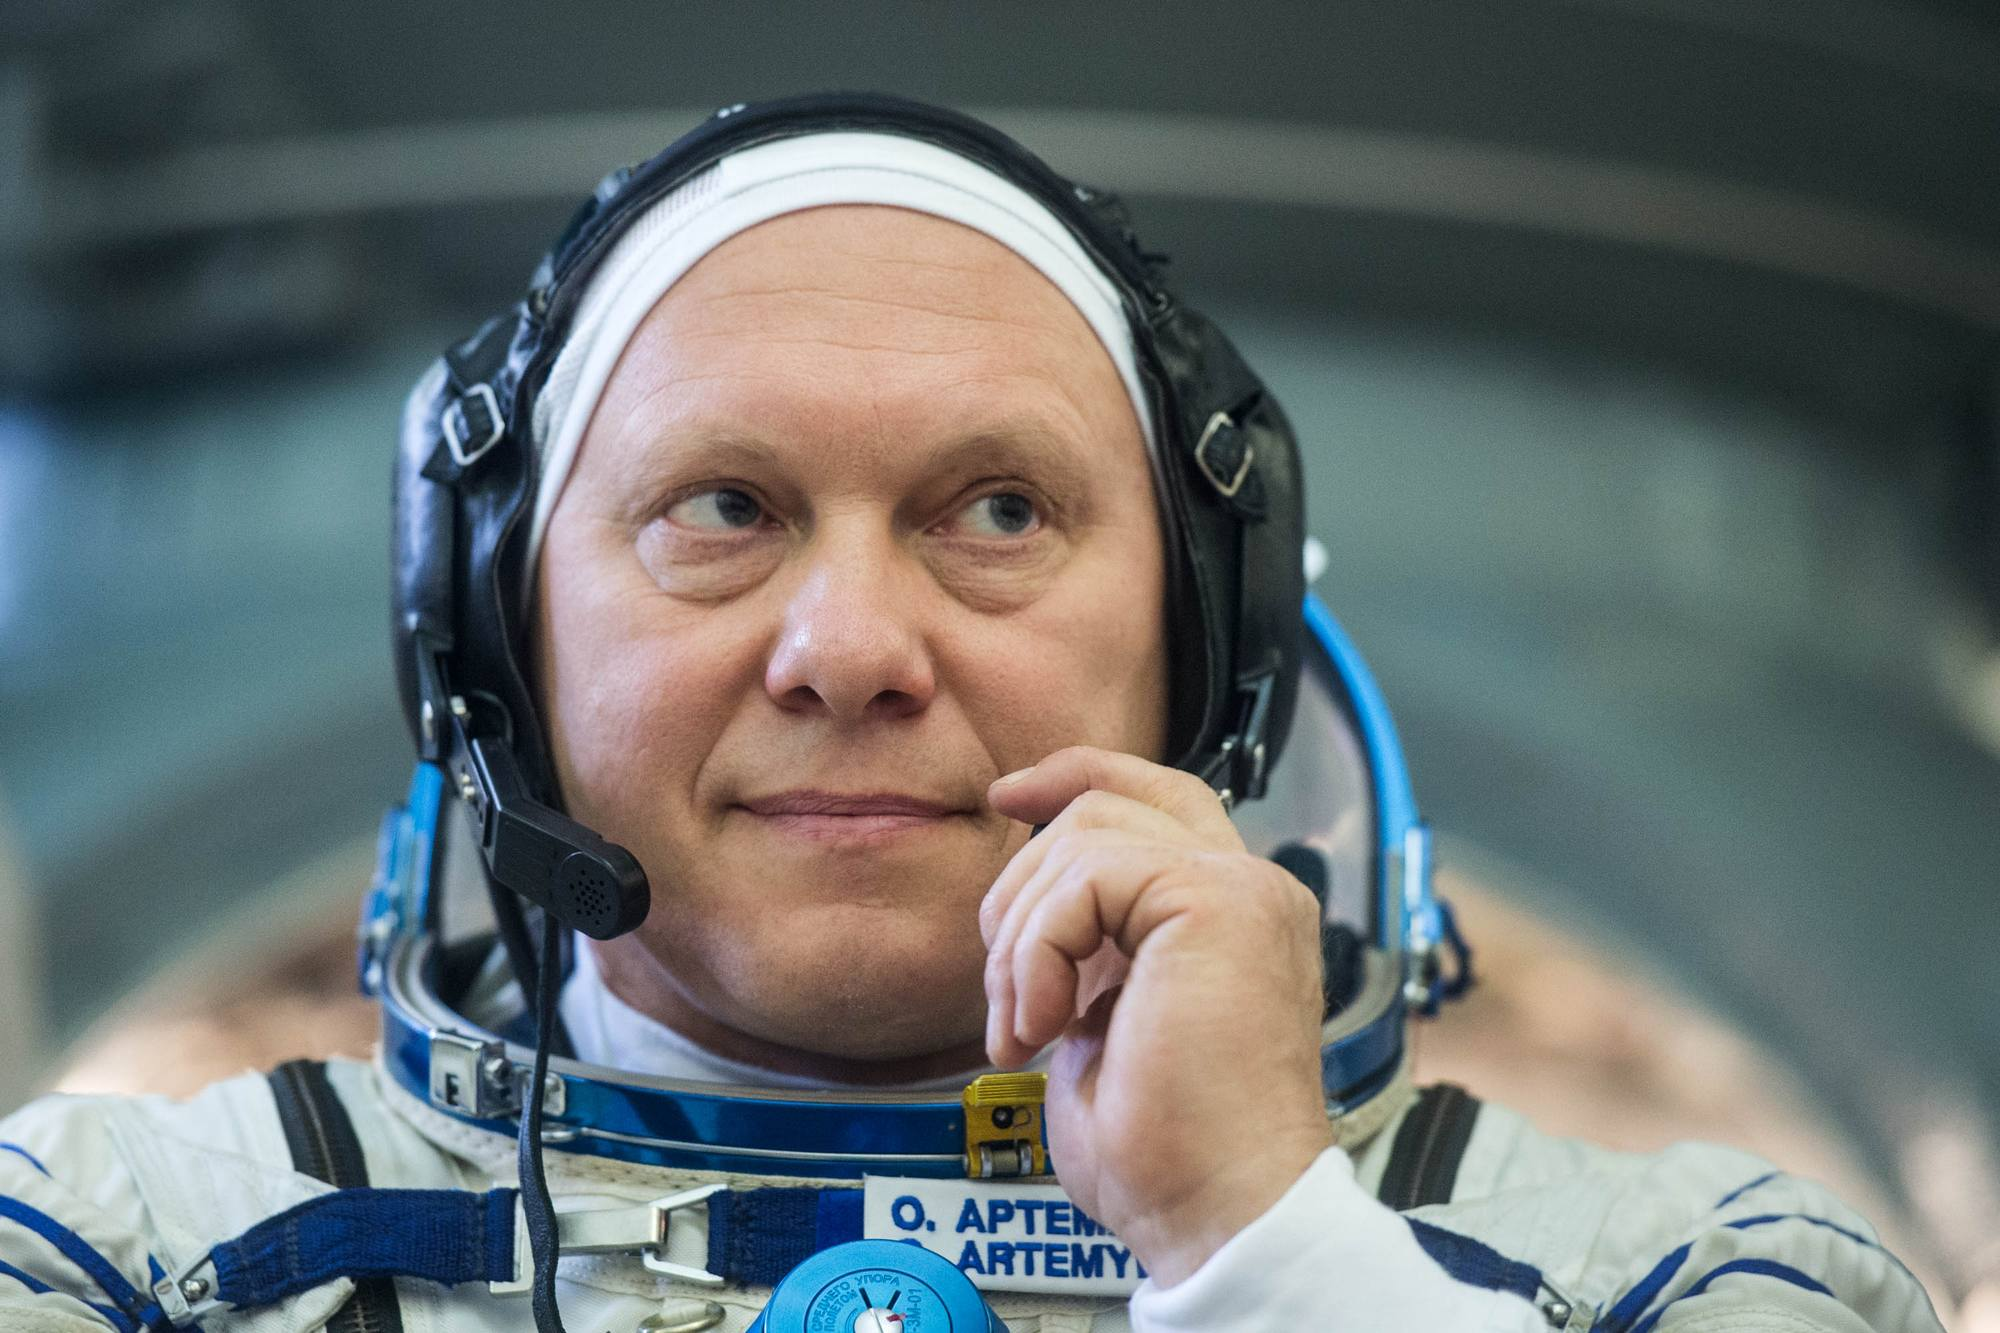 Oleg Artemyev.